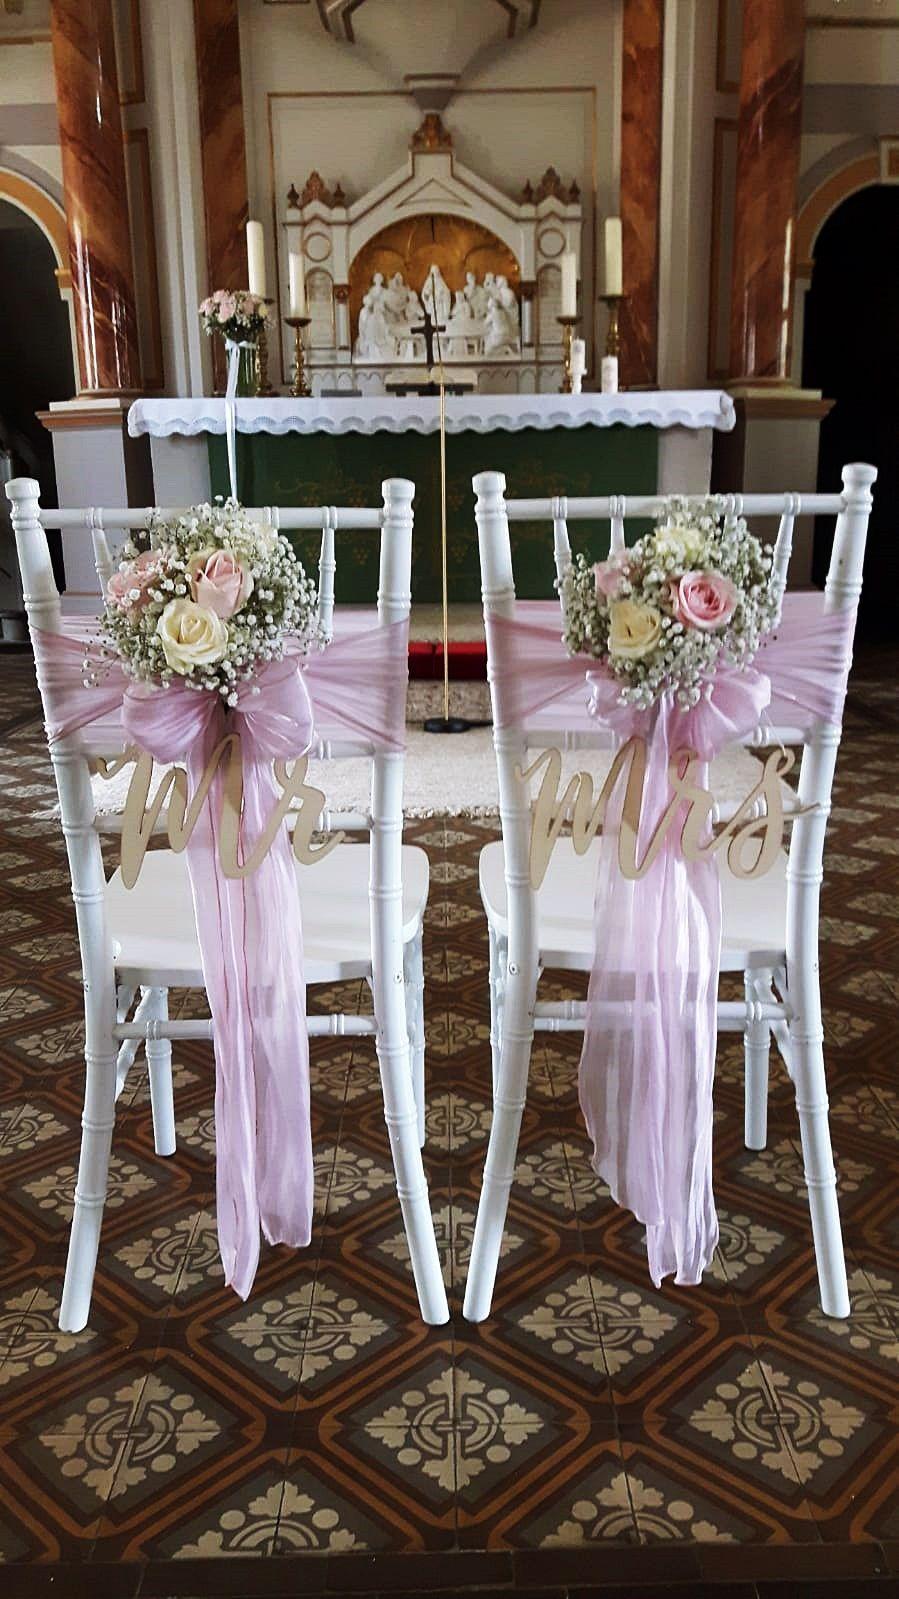 Brautstuhle Hochezeitsdekoration Mr Mrs Dekoration Stuhlschleifen Chiavaristuhle Chiavary Rosa Schlei Hochzeit Stuhle Vintage Hochzeit Deko Hochzeitsdekoration